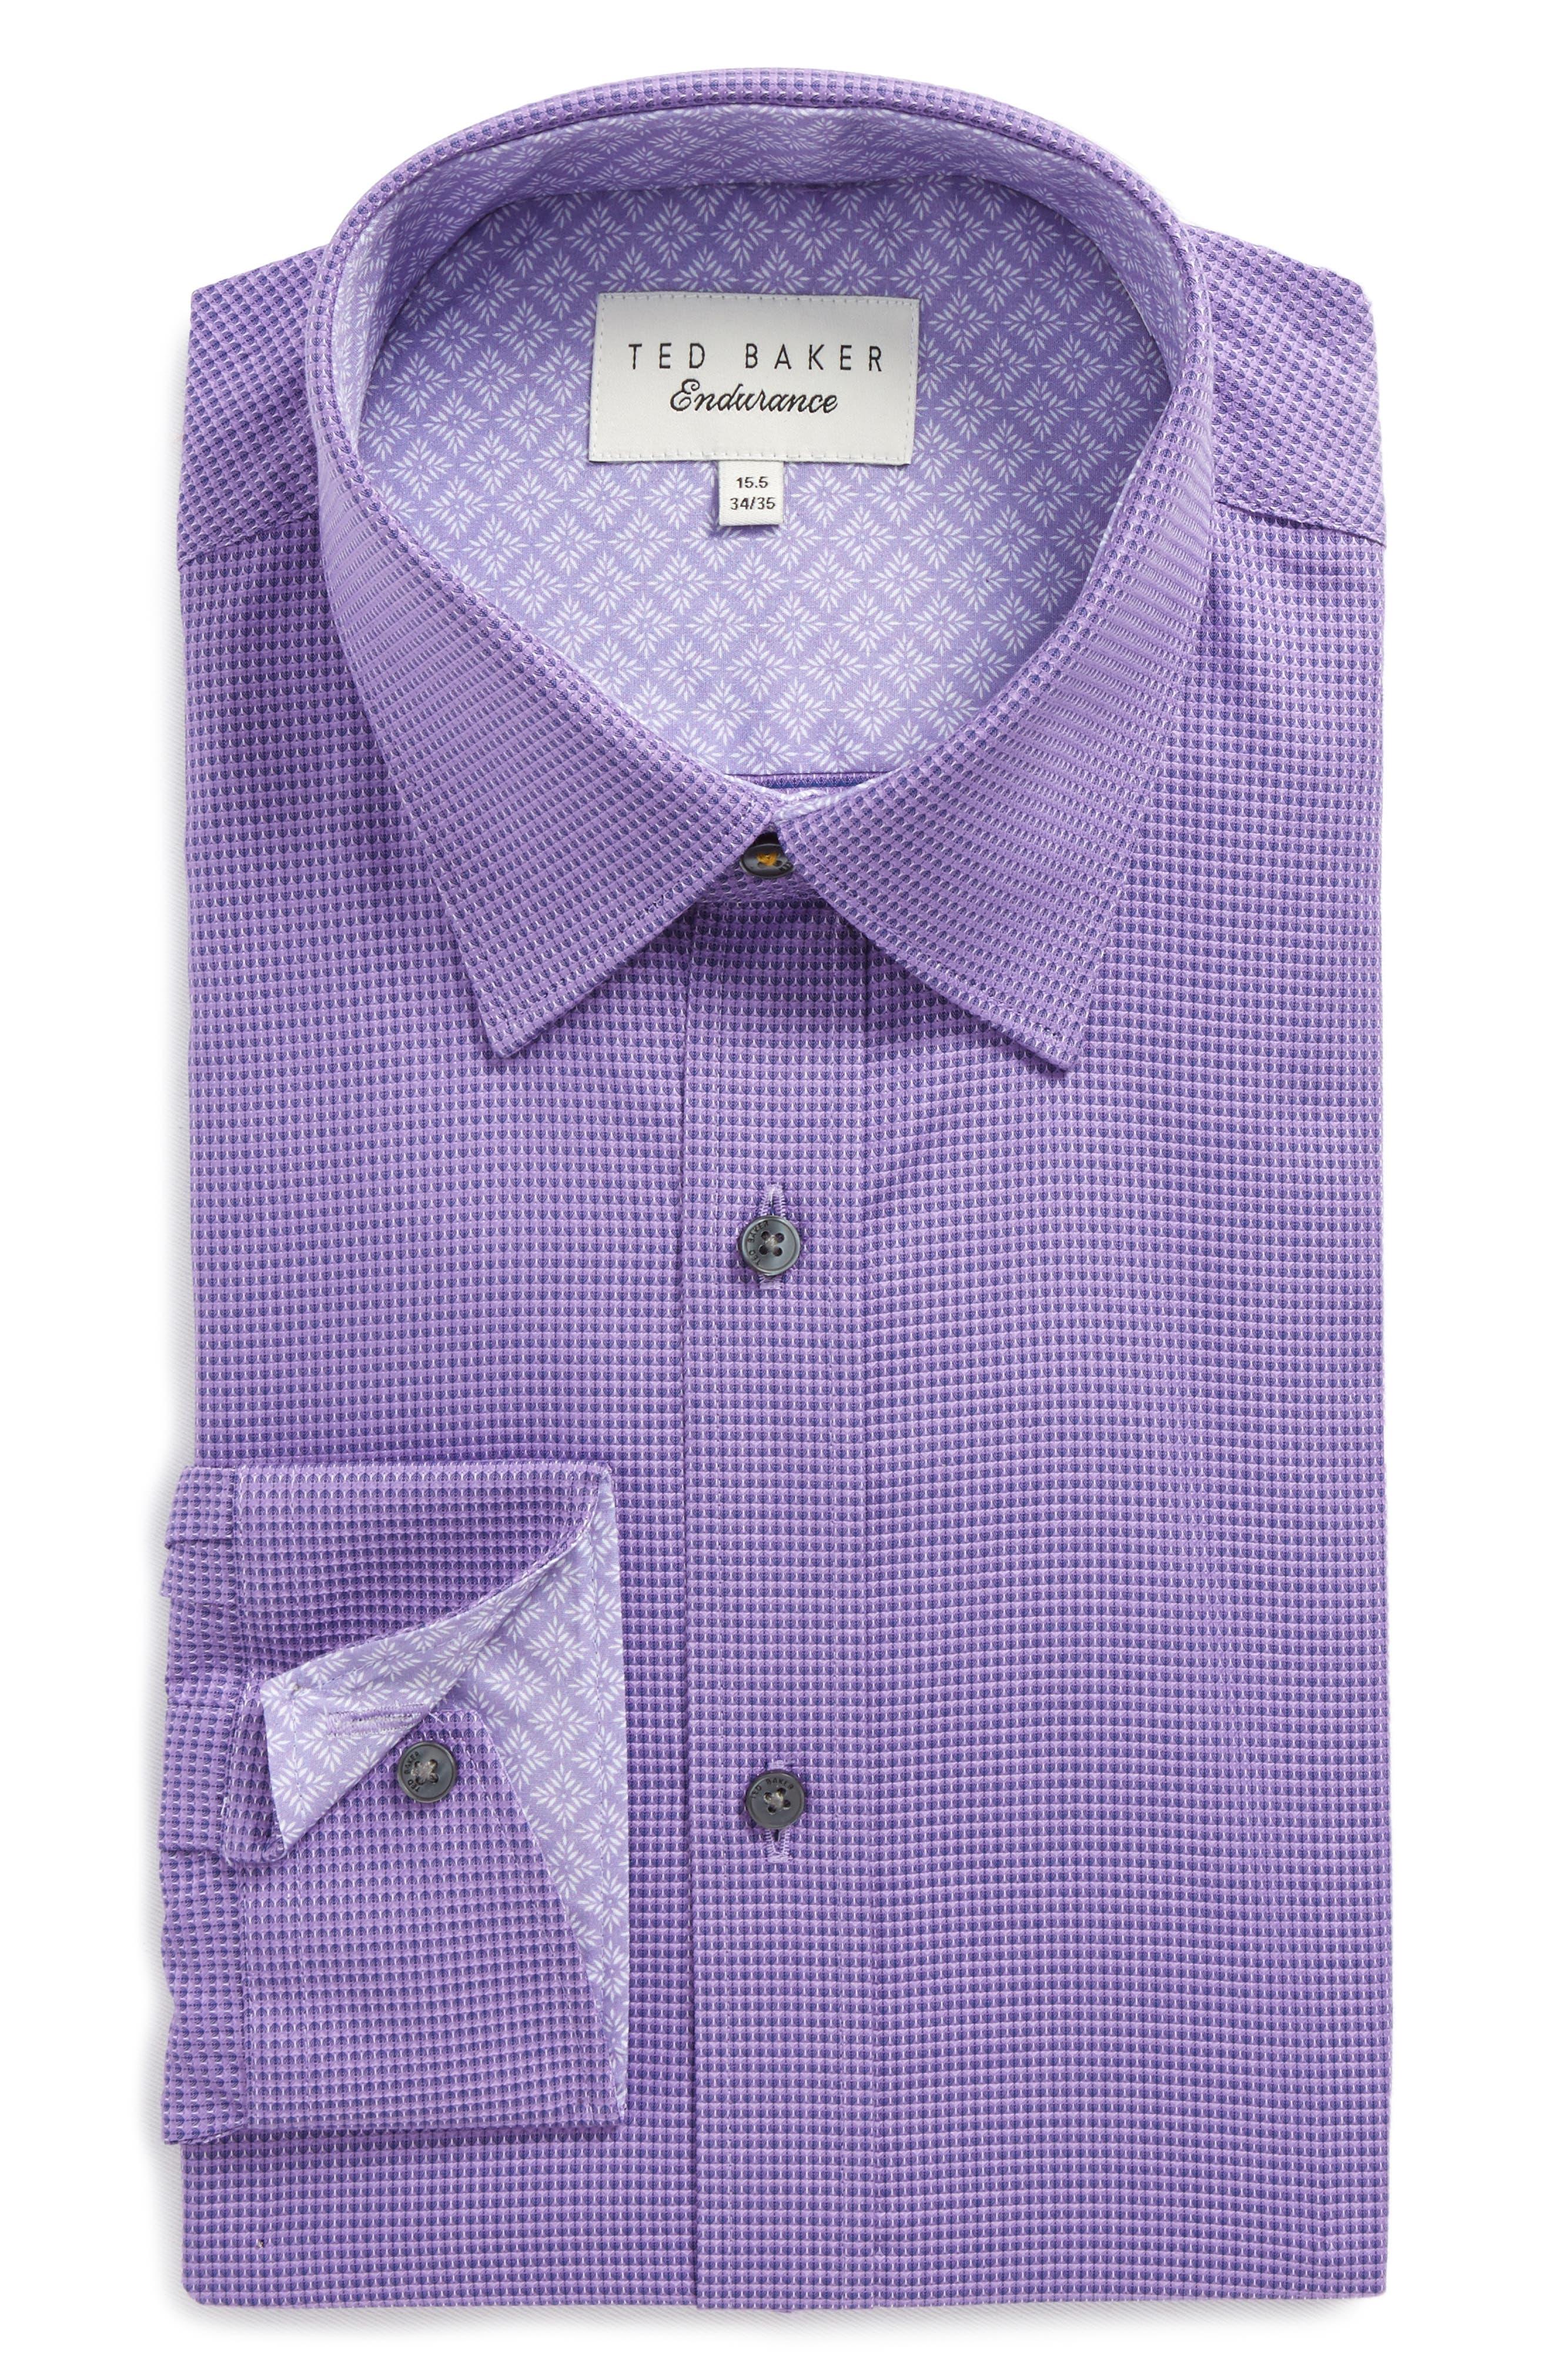 Endurance Dudders Trim Fit Dress Shirt,                         Main,                         color, PURPLE